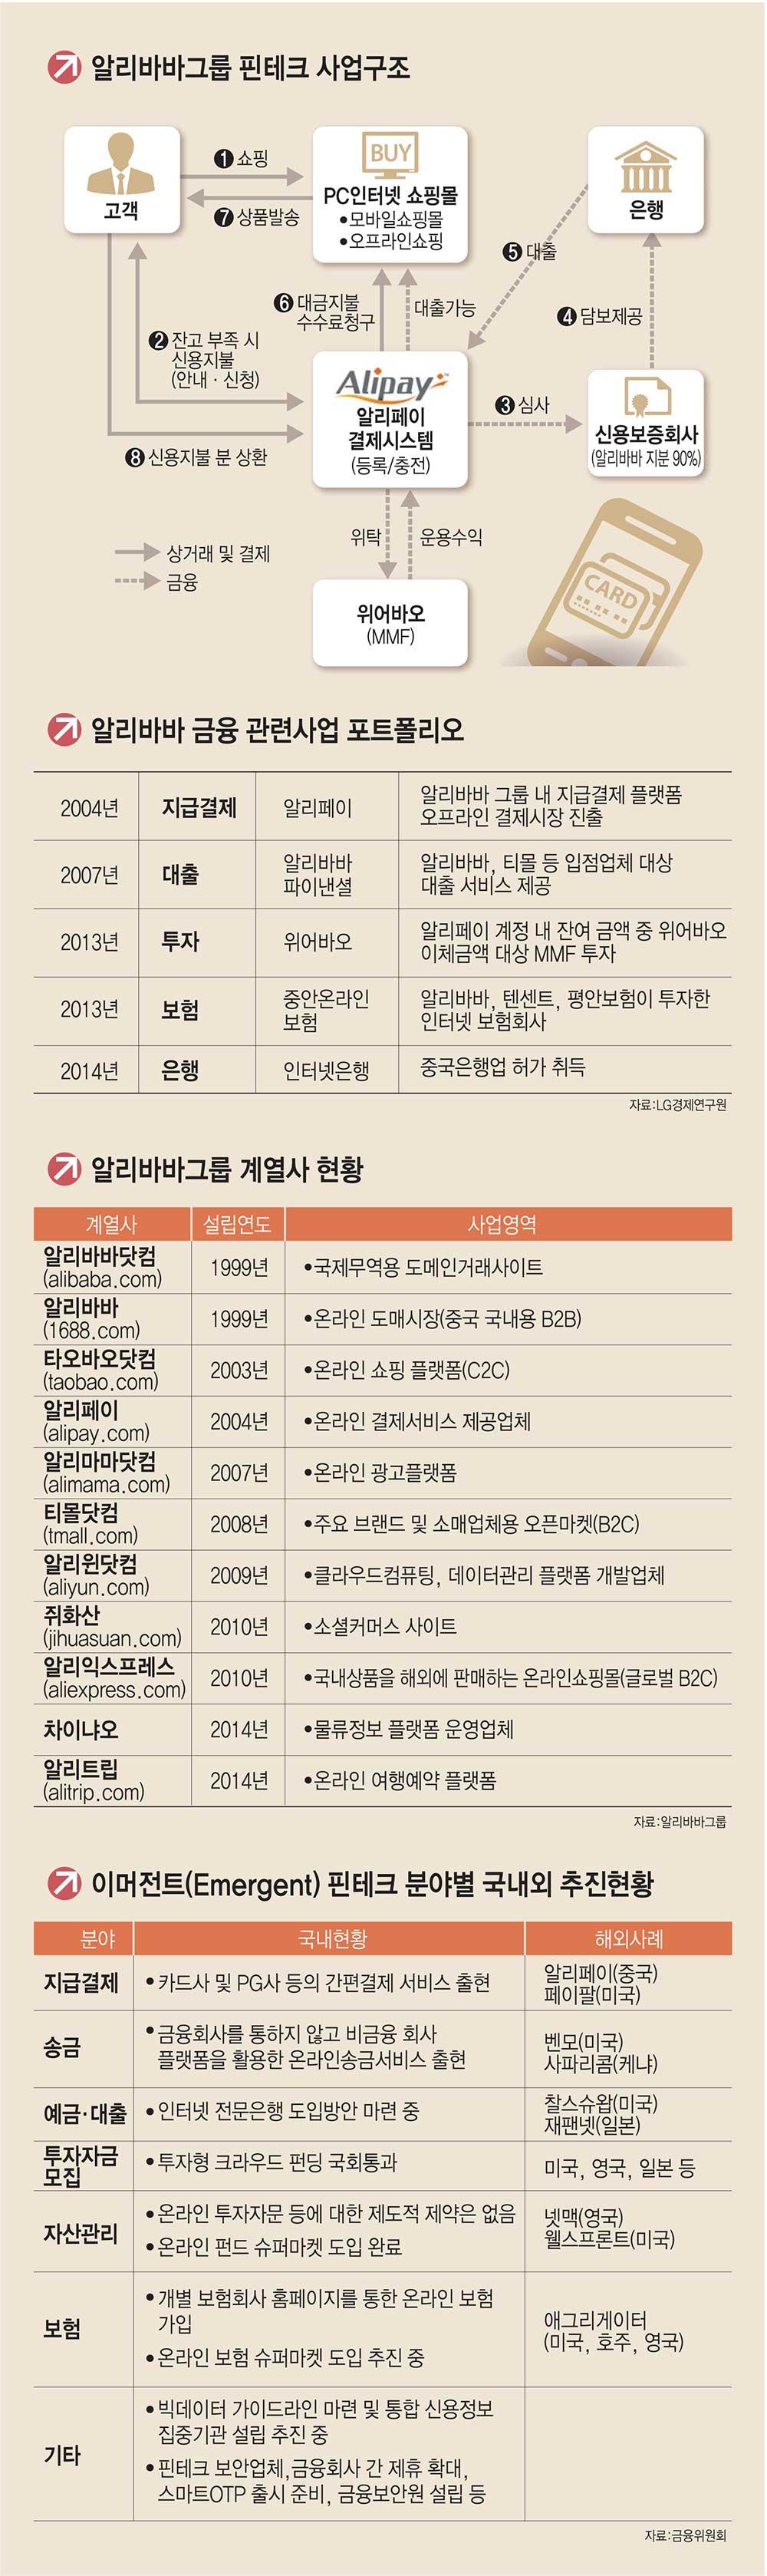 [차이나 특별기획]<7>전문가들이 진단하는 한국 핀테크 산업 발전 방향은...